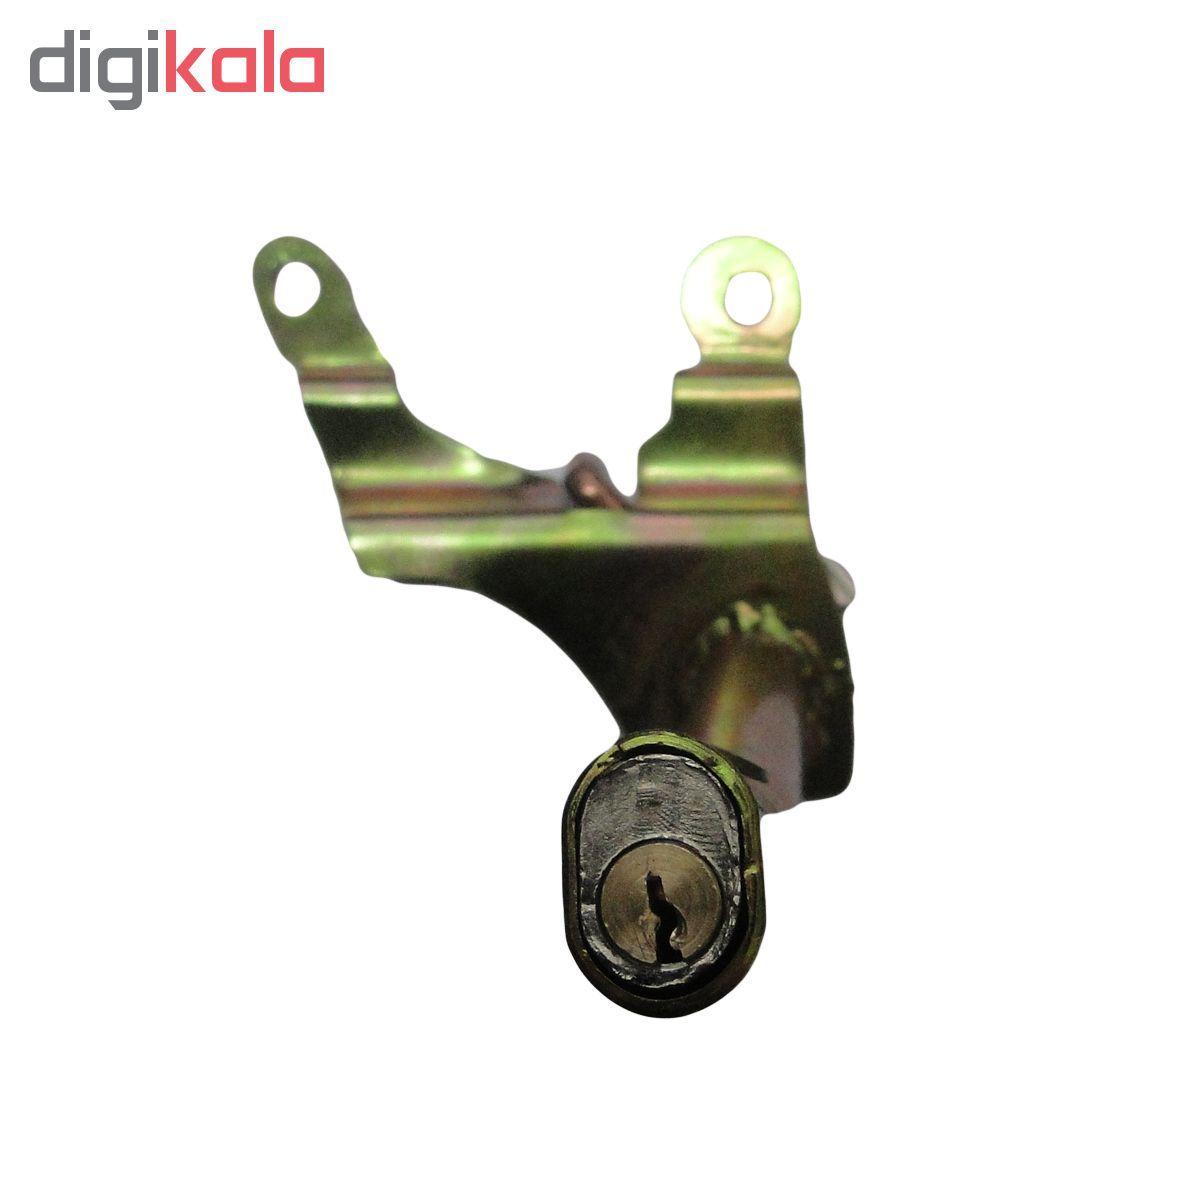 قفل کاپوت ضد سرقت آرمین مدل RADFAR 5964 مناسب برای پژو 206 main 1 2